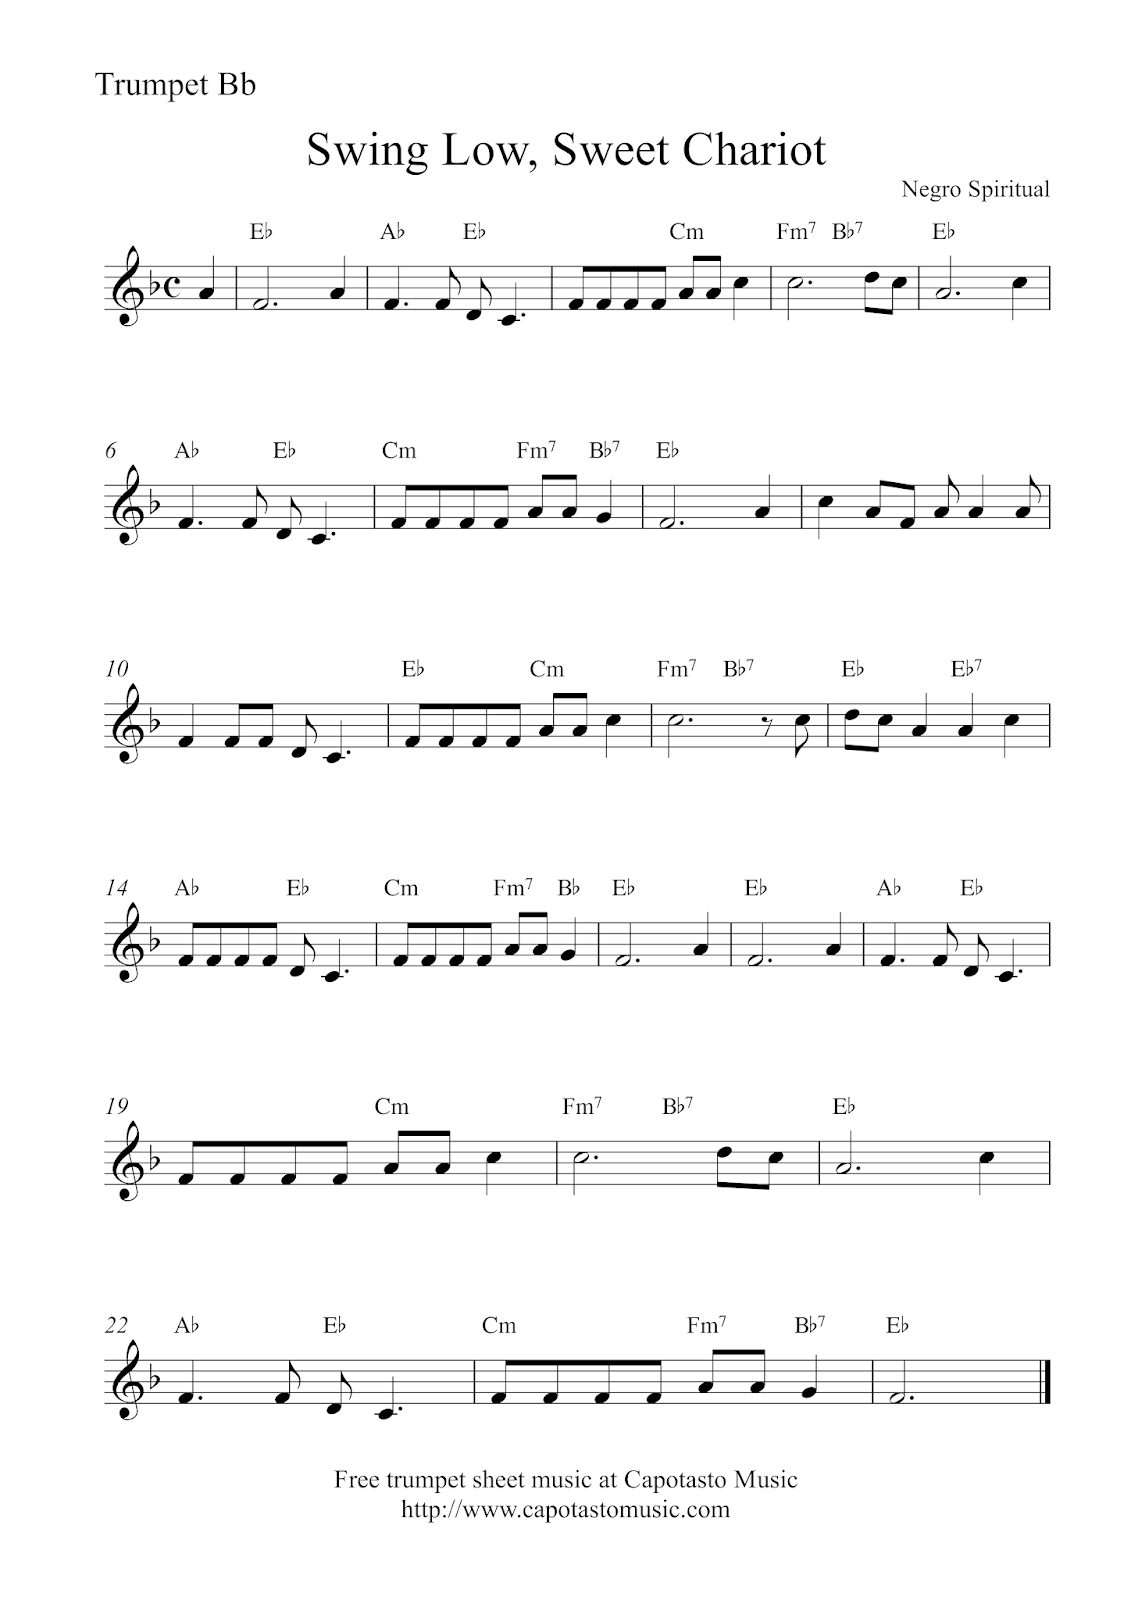 Free Trumpet Sheet Music Swing Low Sweet Chariot